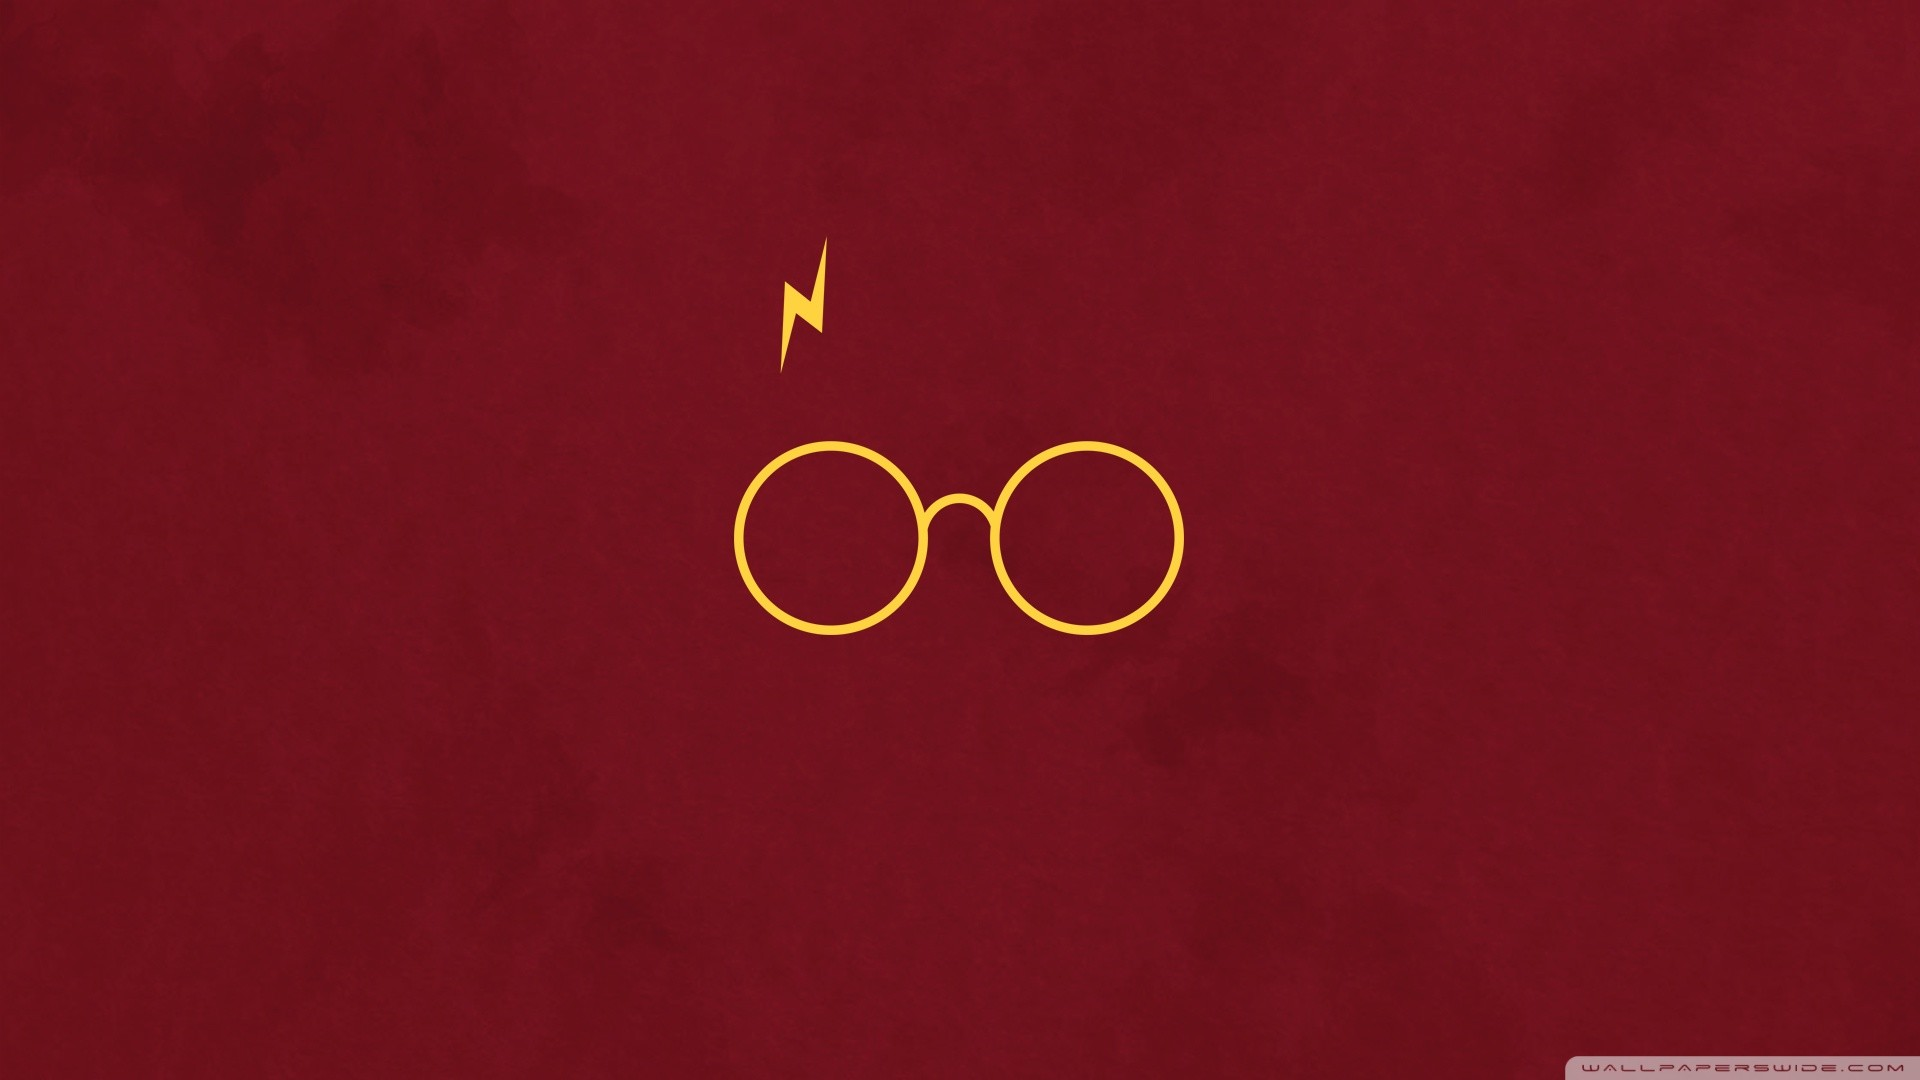 Popular Wallpaper Harry Potter Artsy - 543894  Image_792477.jpg